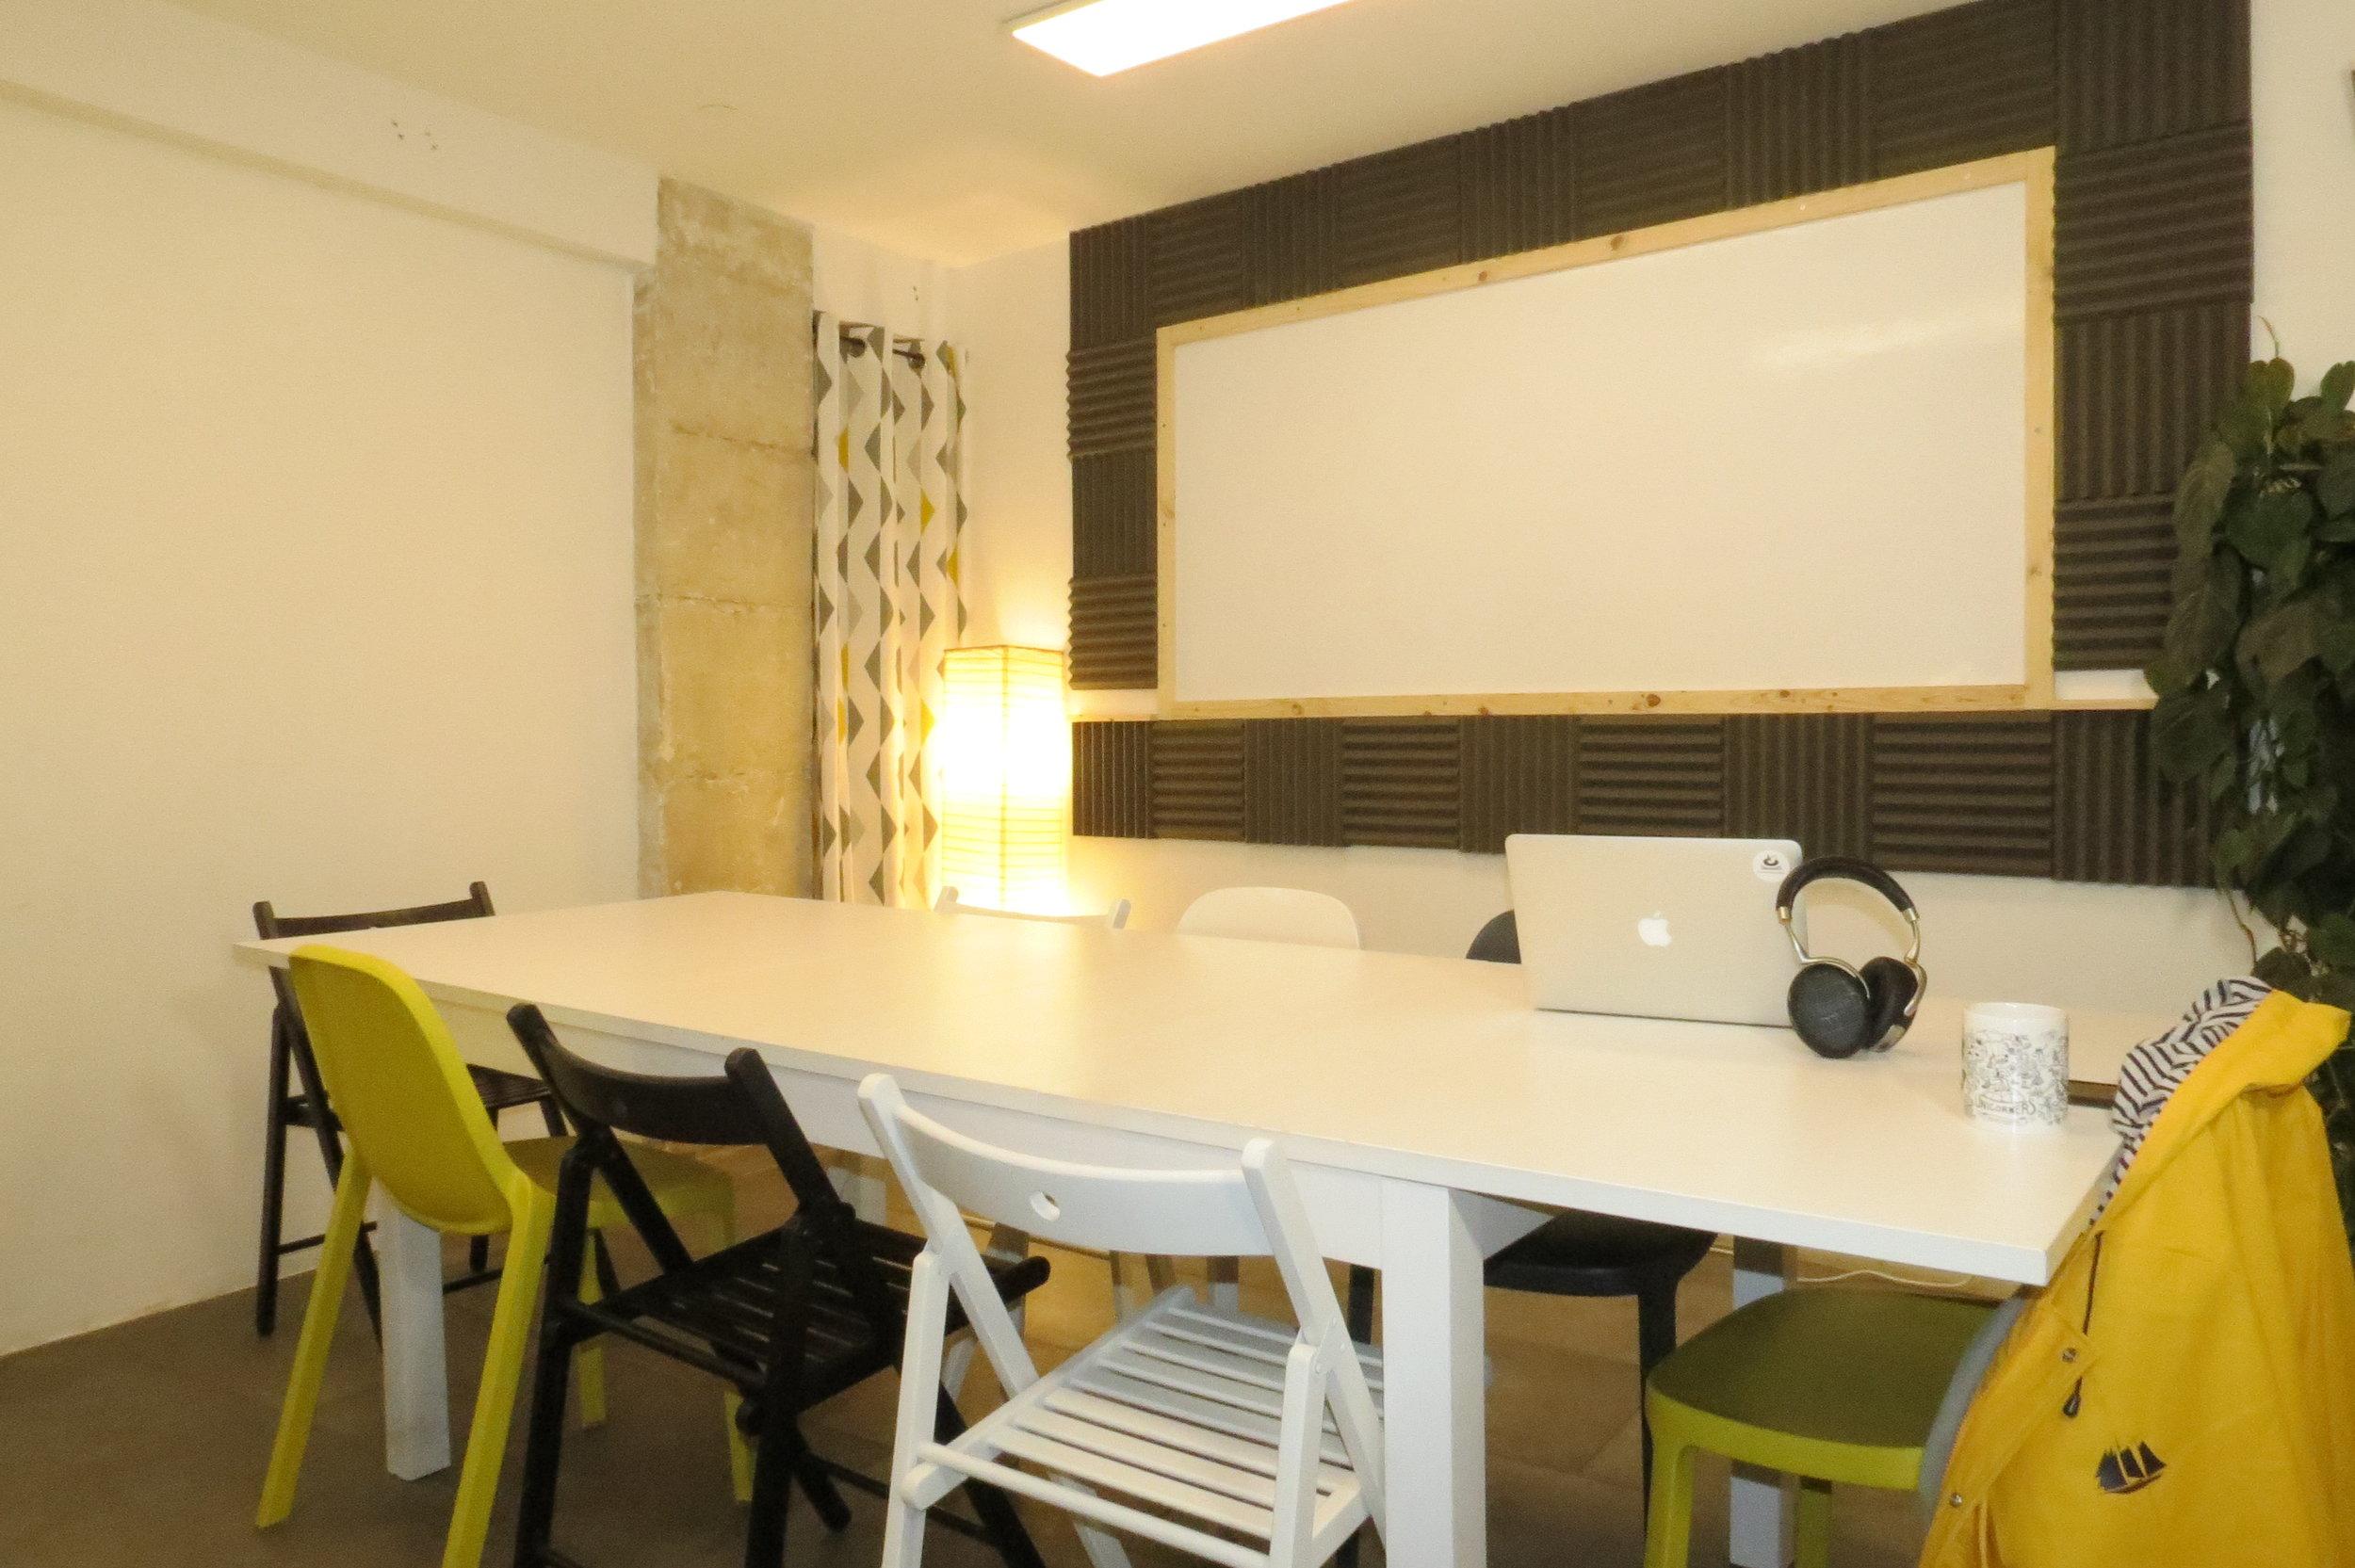 La salle de réunion #2